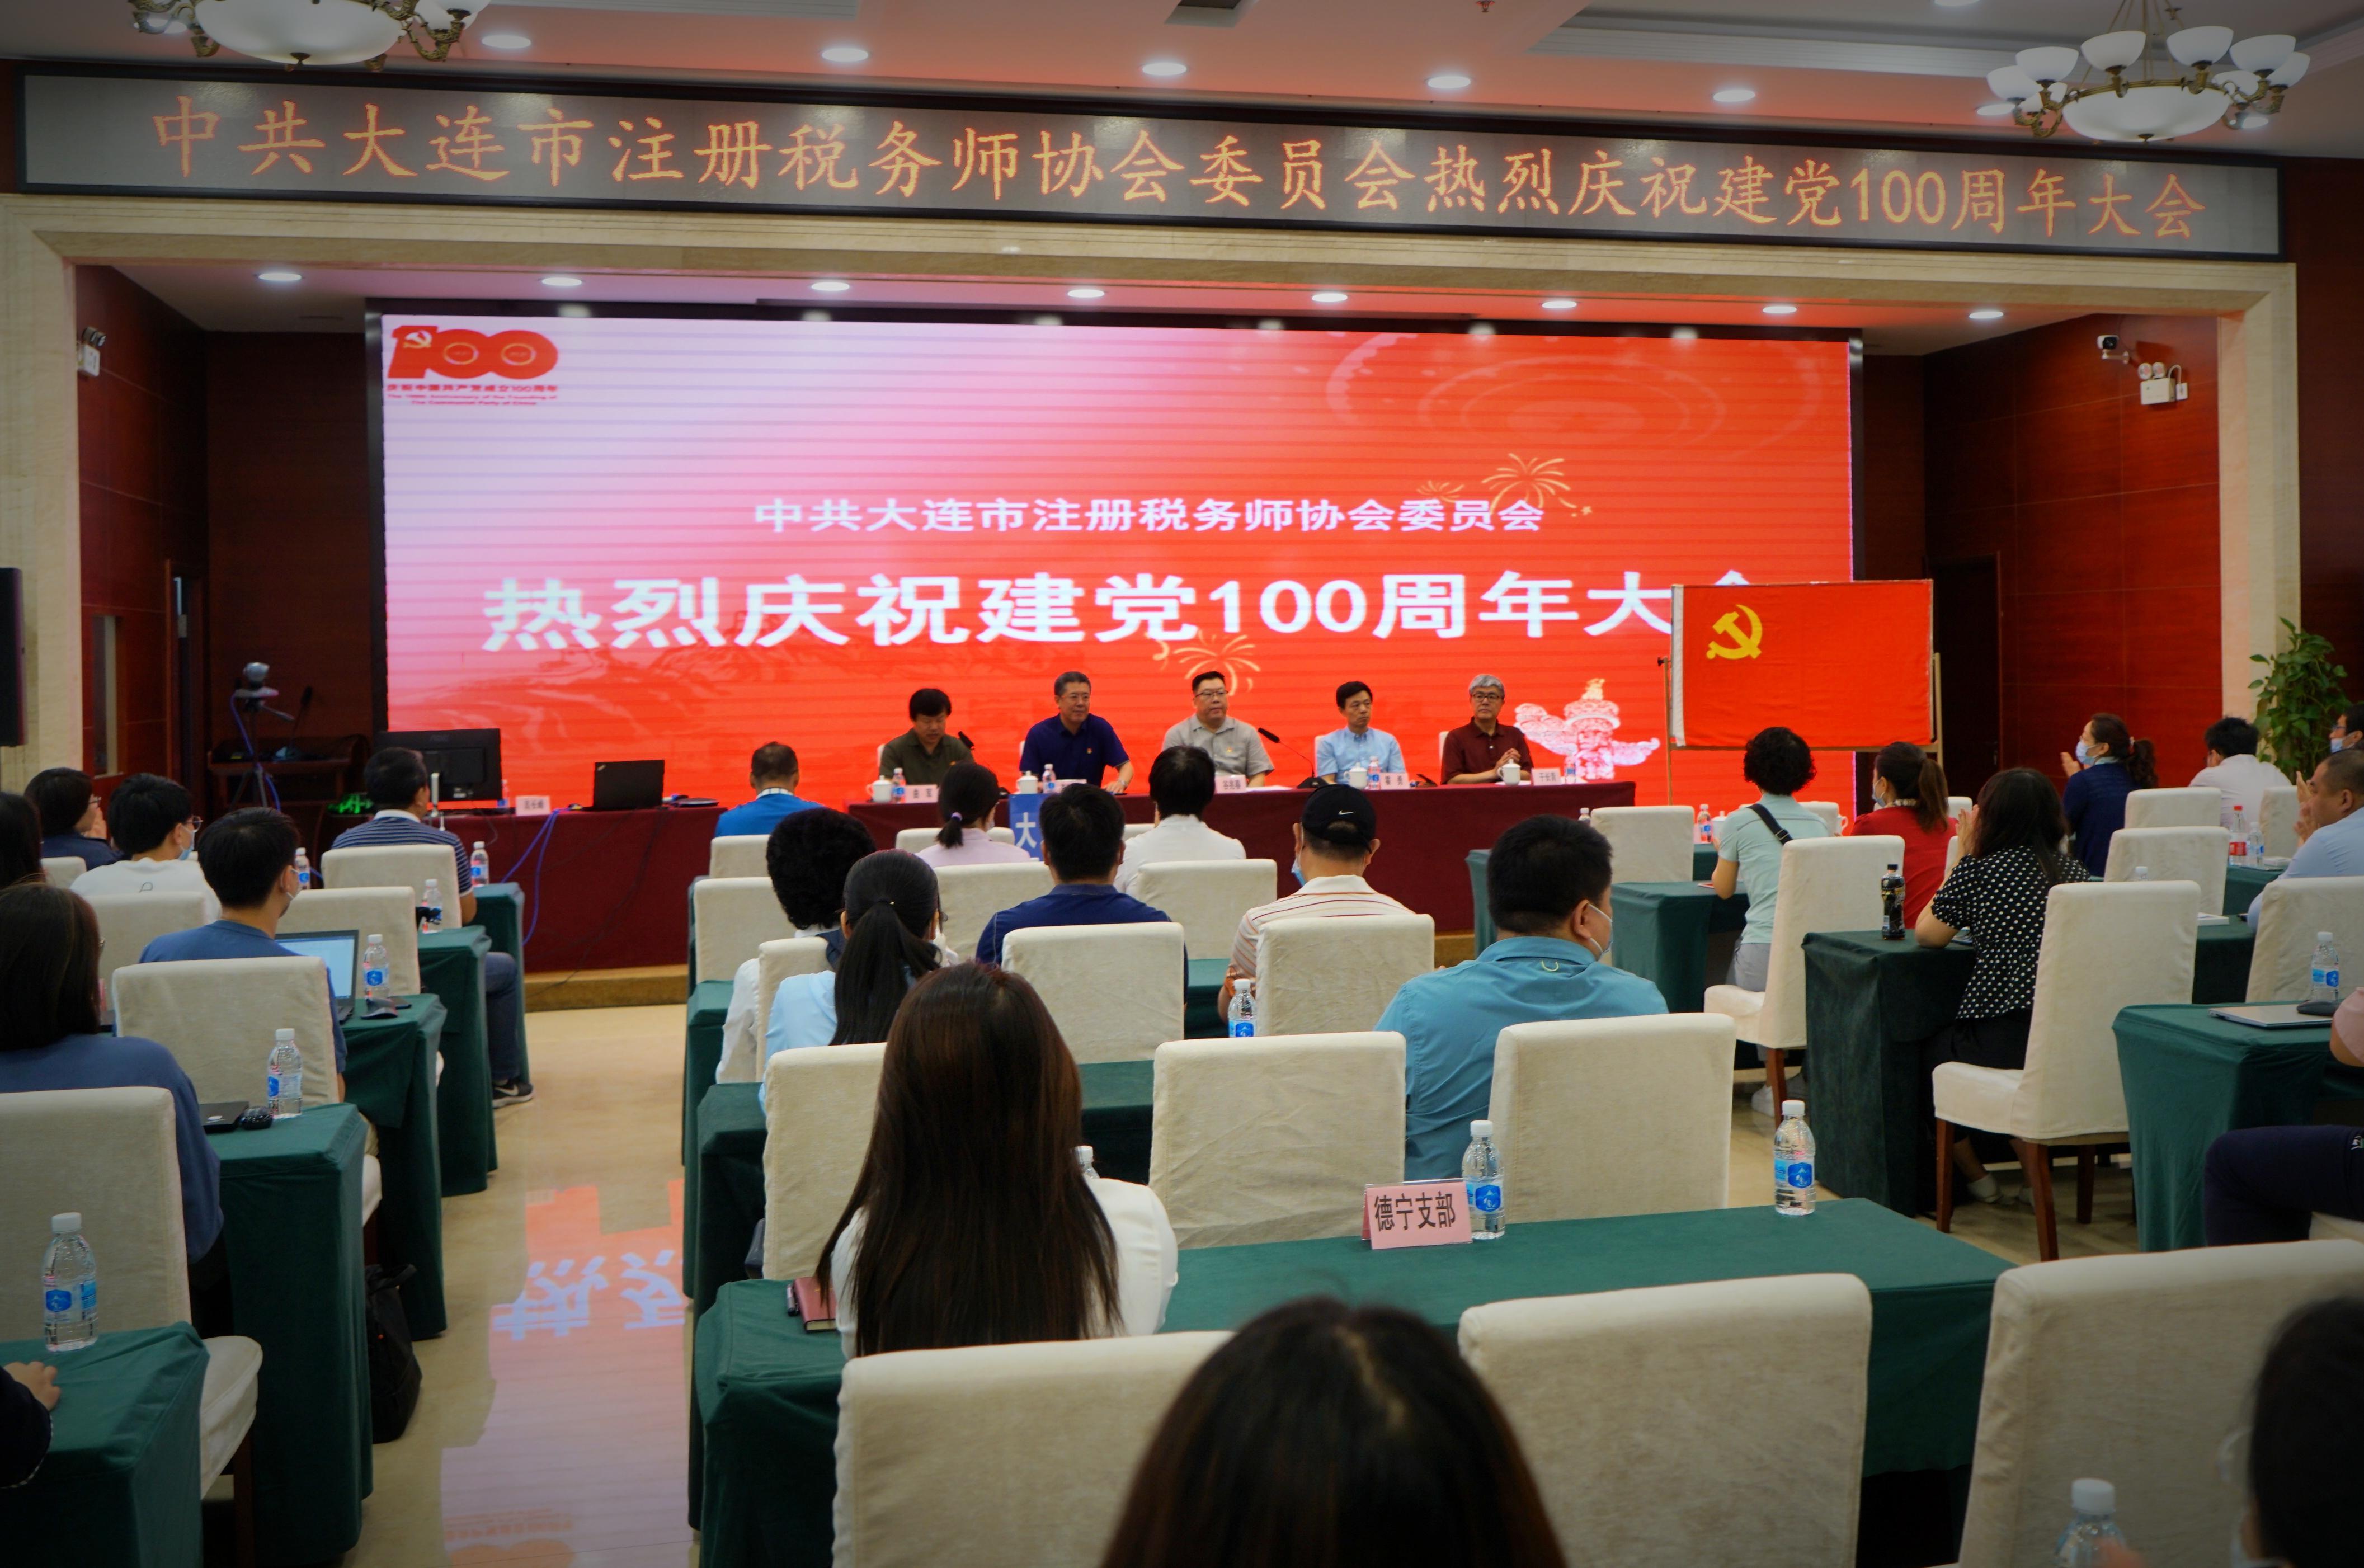 大连税协党委举办庆祝建党100周年主题党日活动